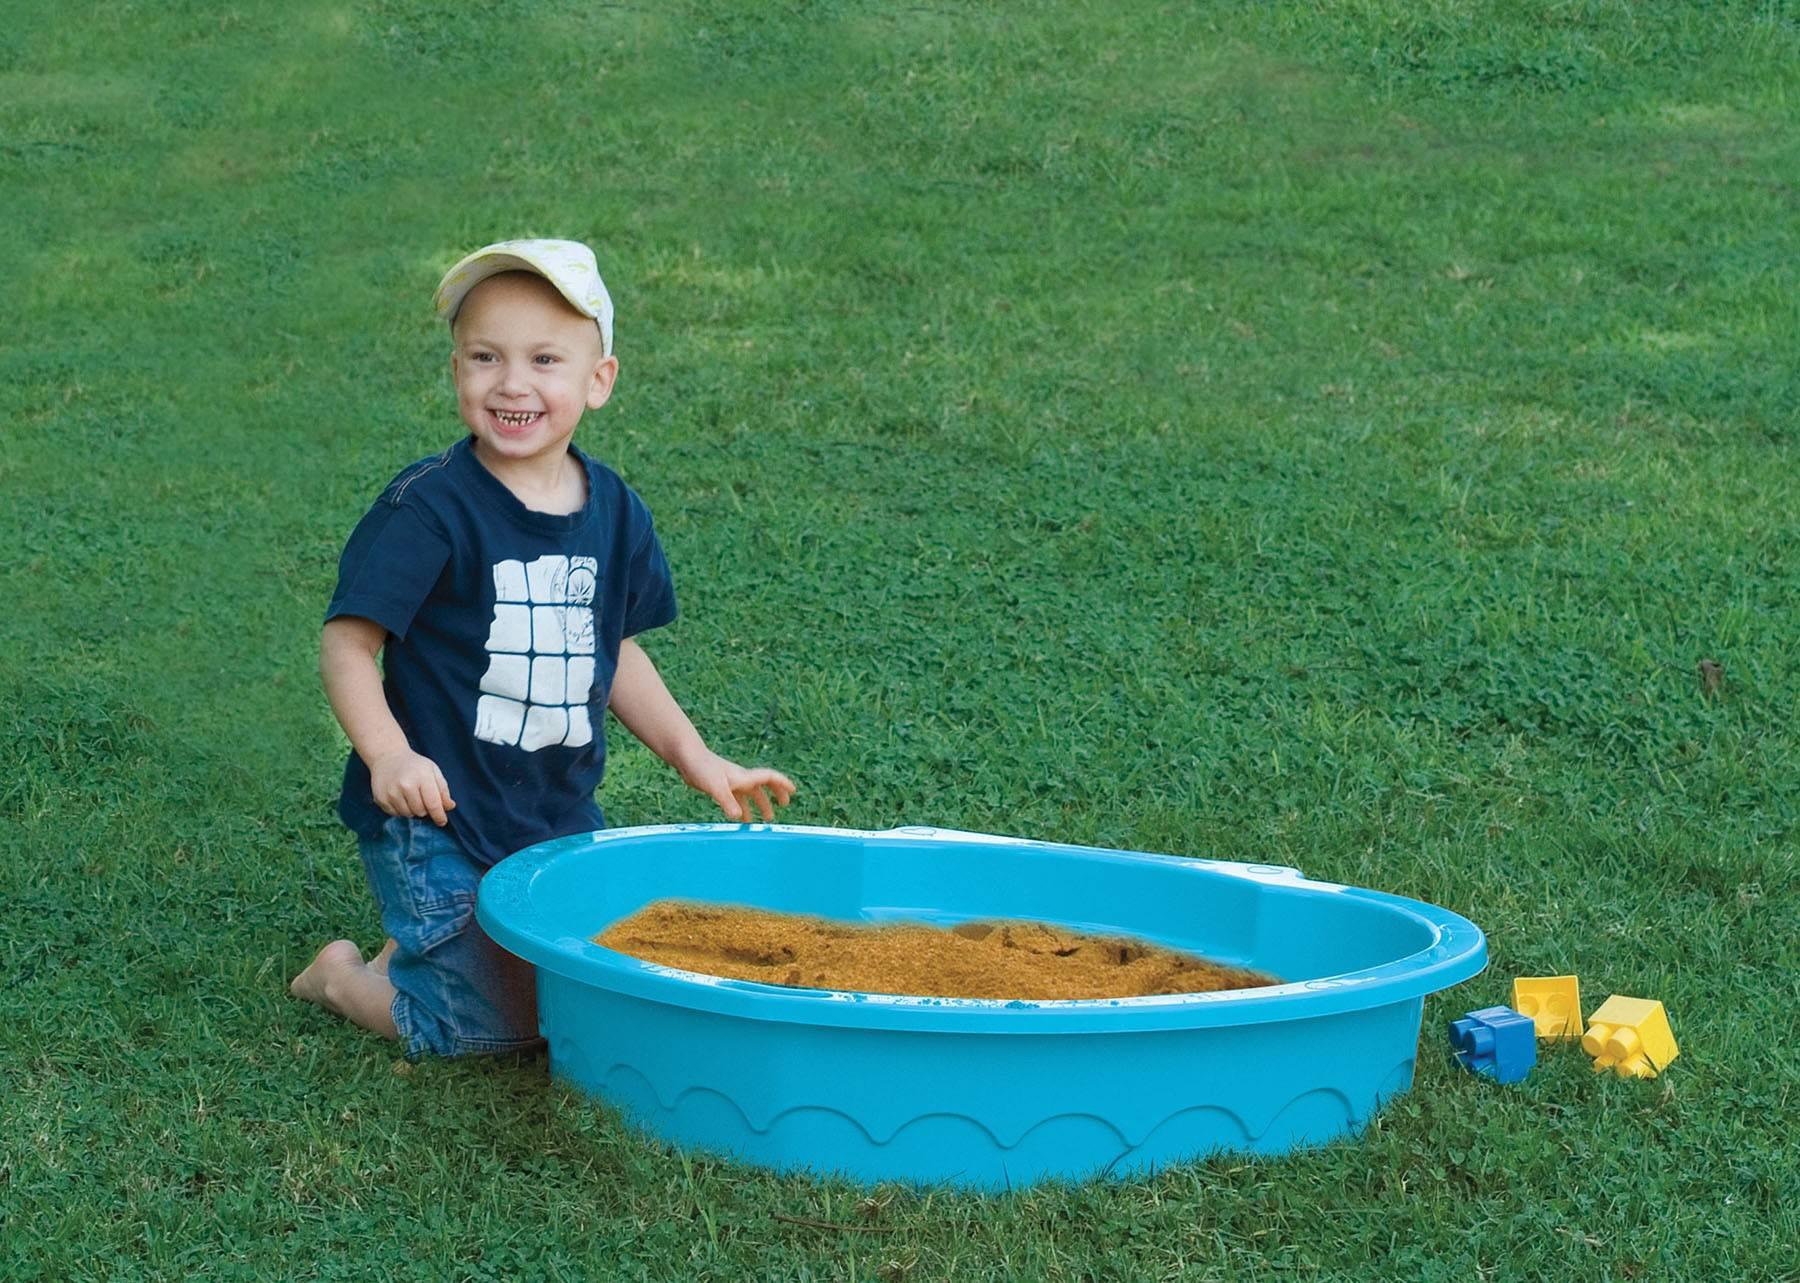 PalPlay piaskownica m434 dziecko bawi się w piaskownicy